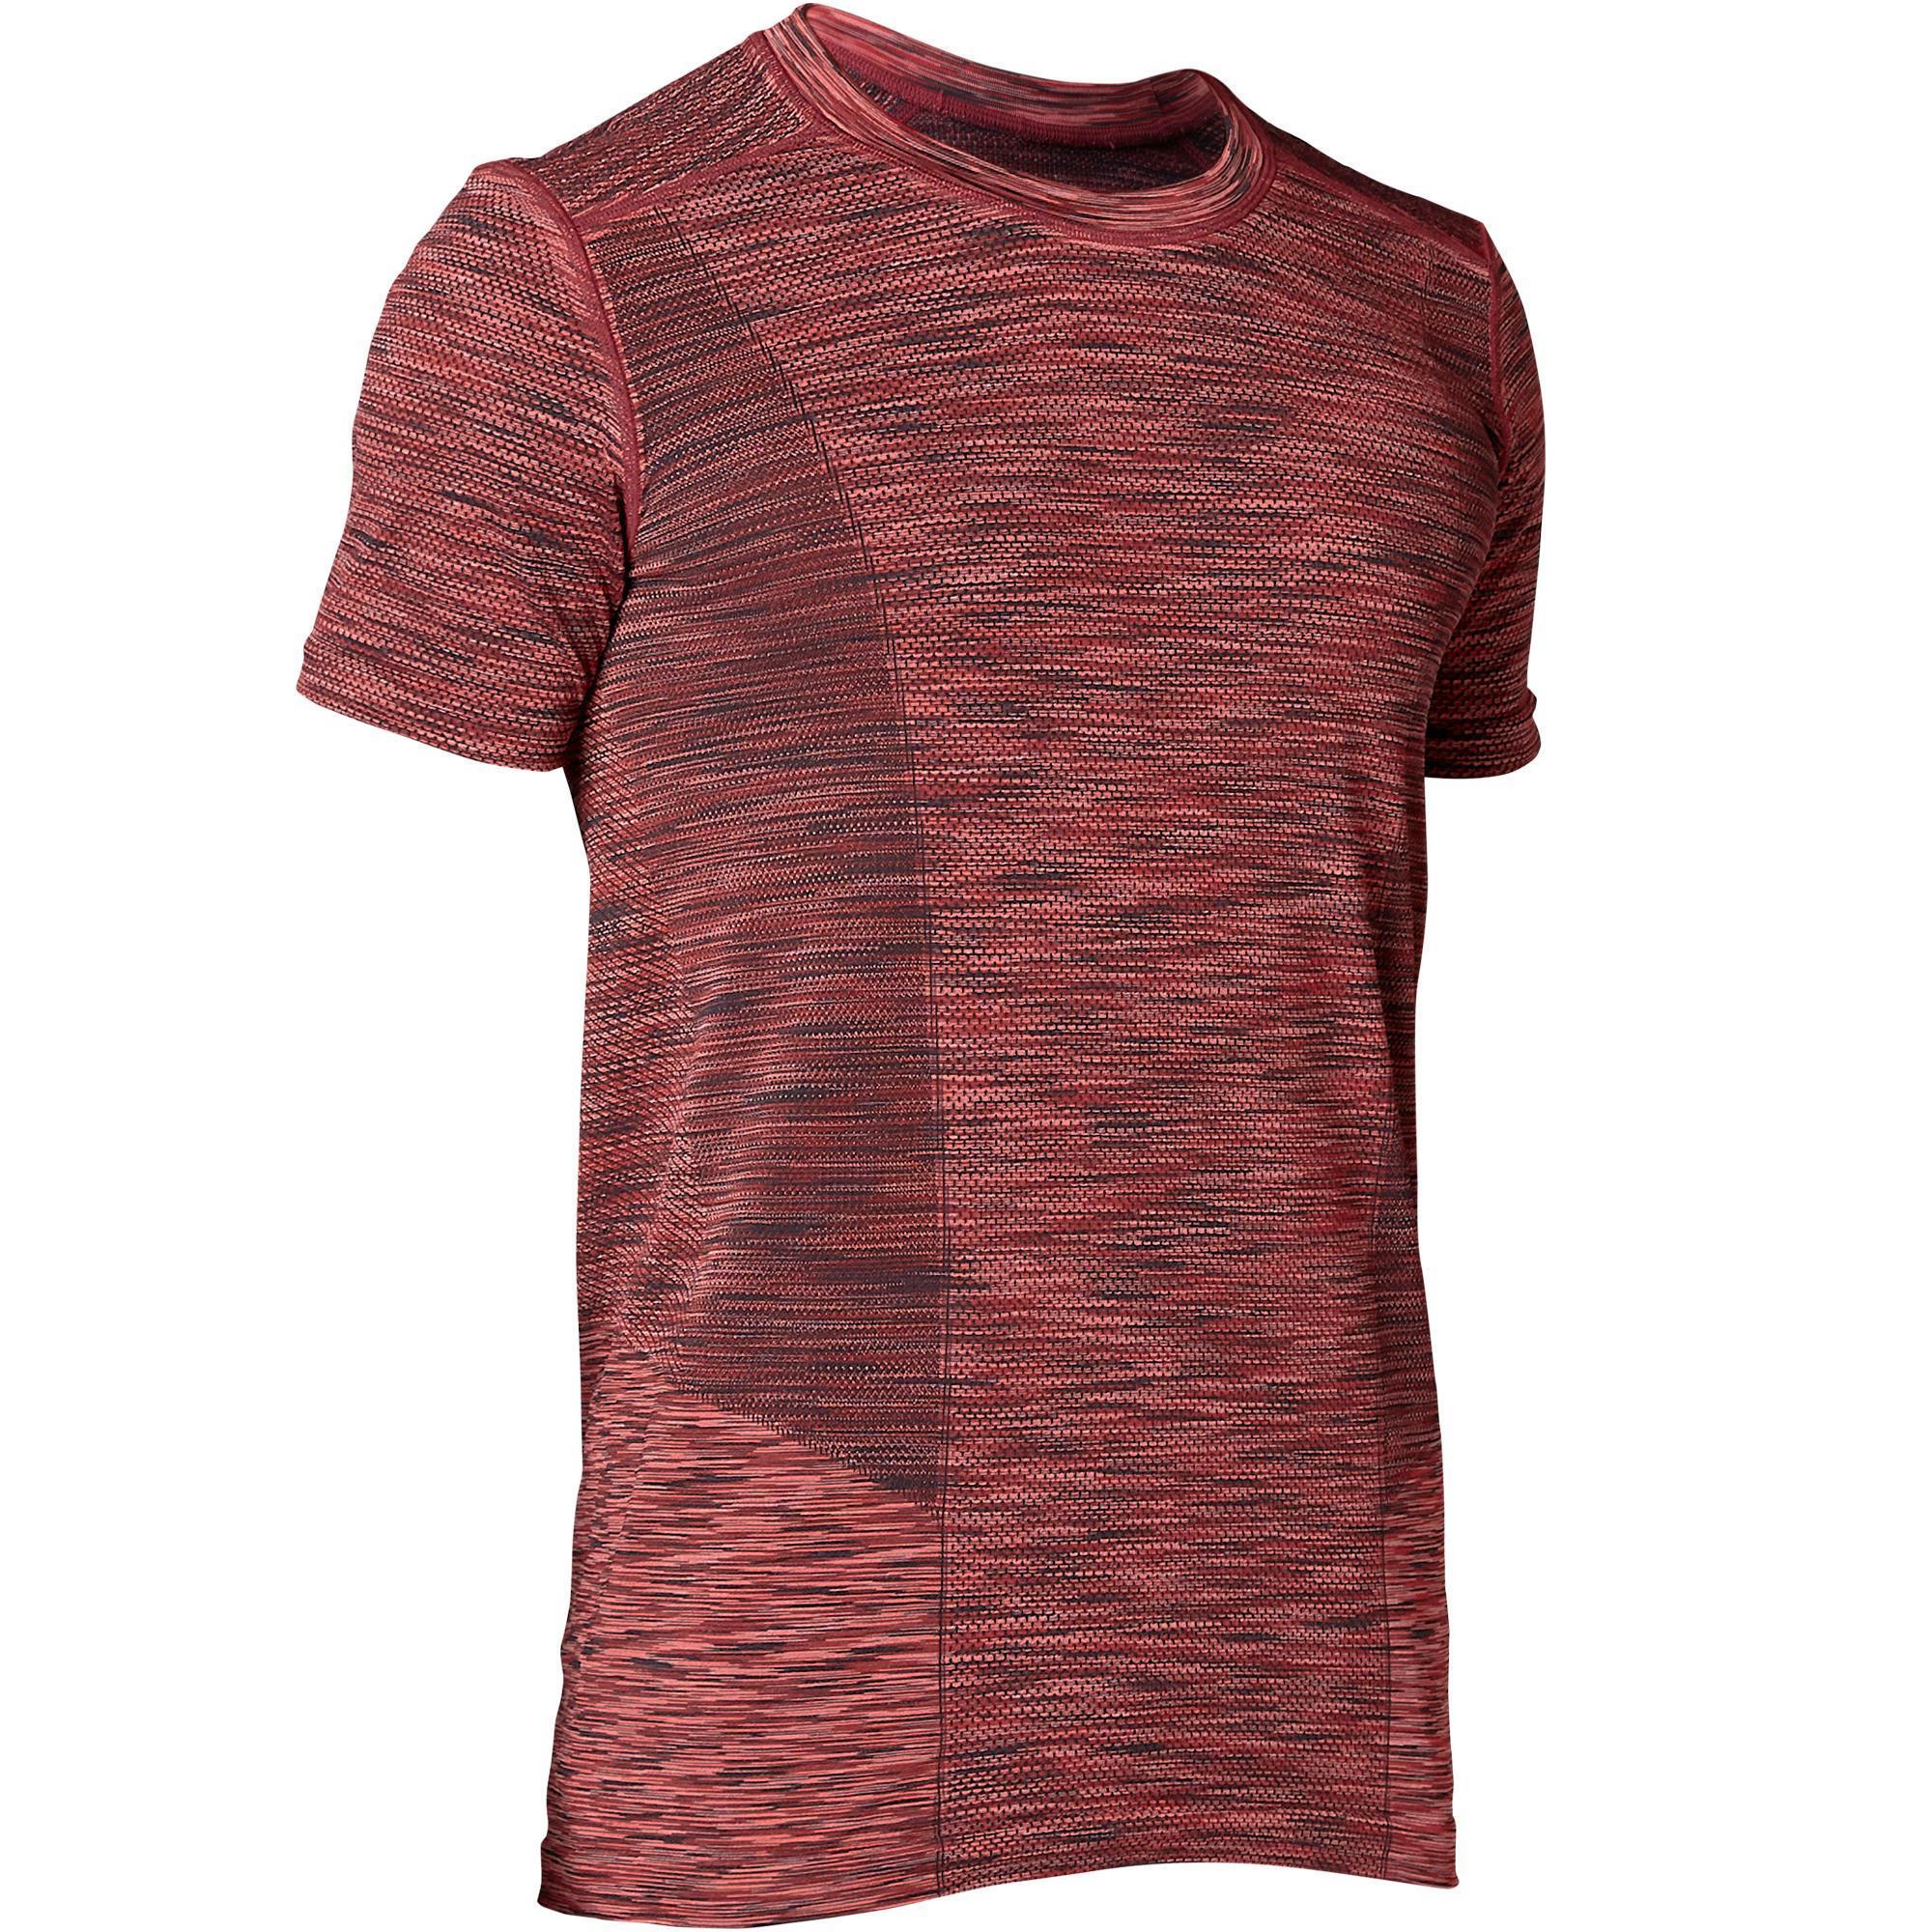 T shirt manches courtes sans coutures yoga homme bordeaux chine domyos